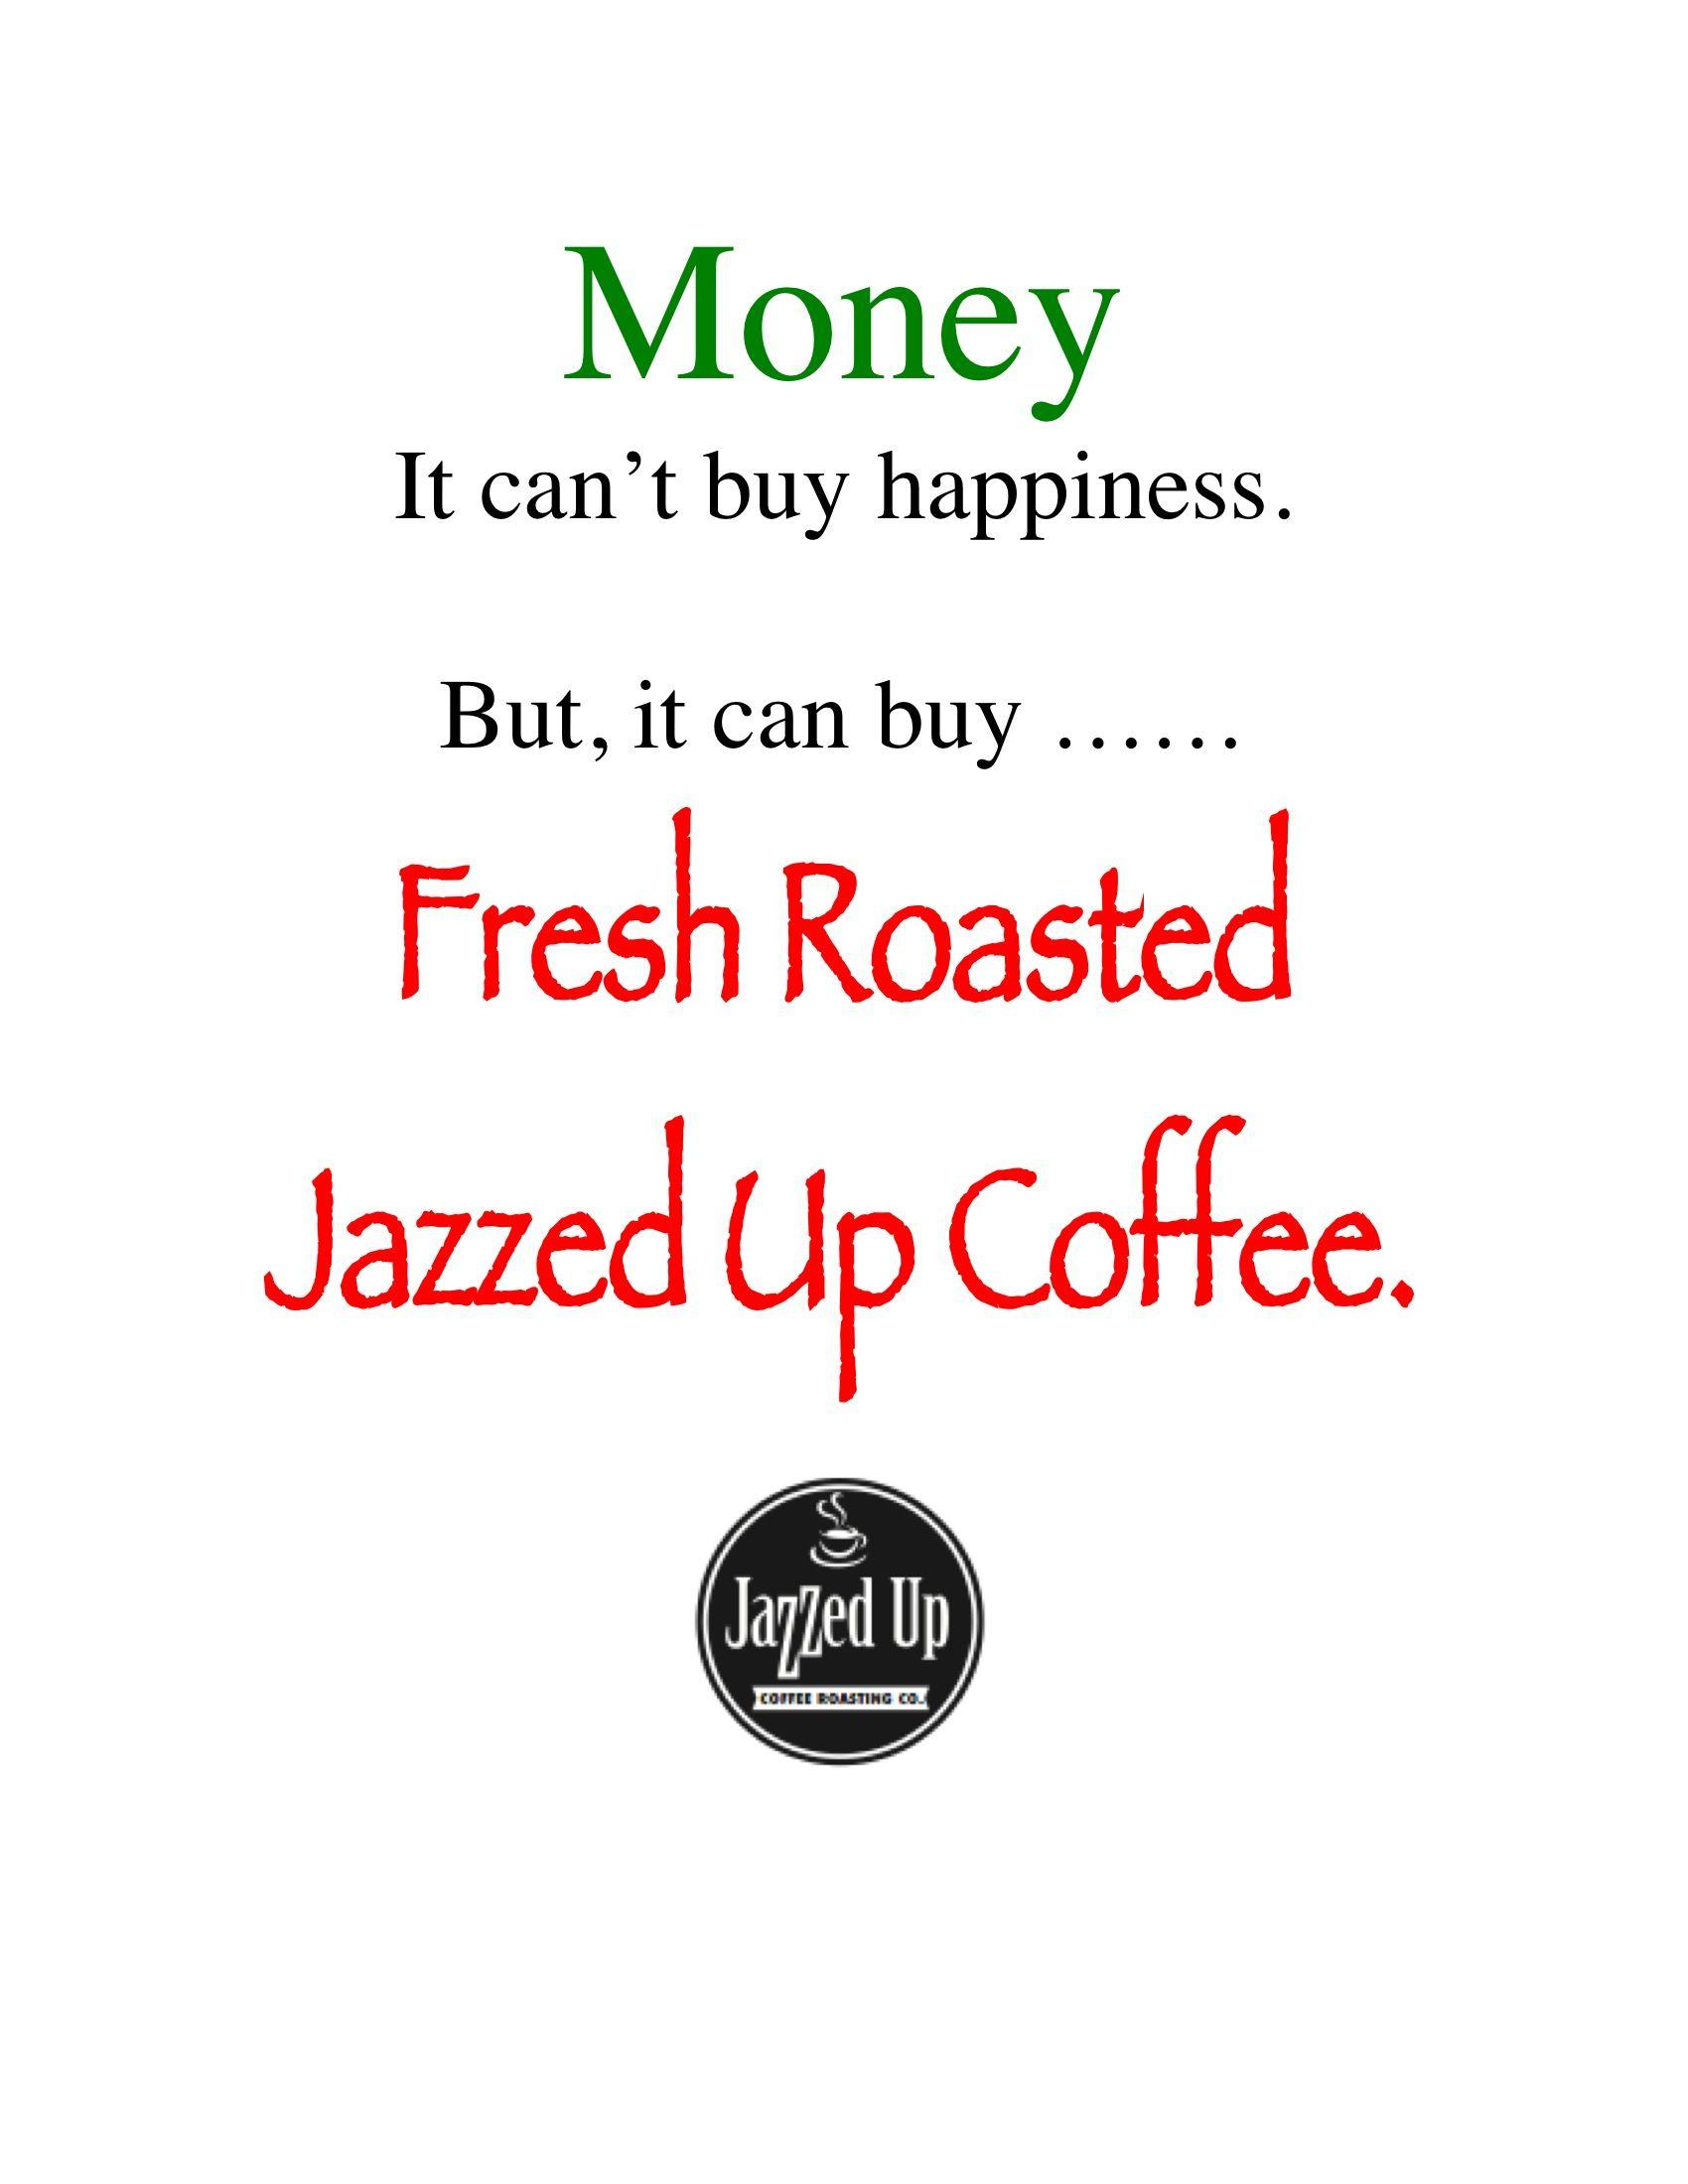 Fresh Roasted Coffee. YUMMY!